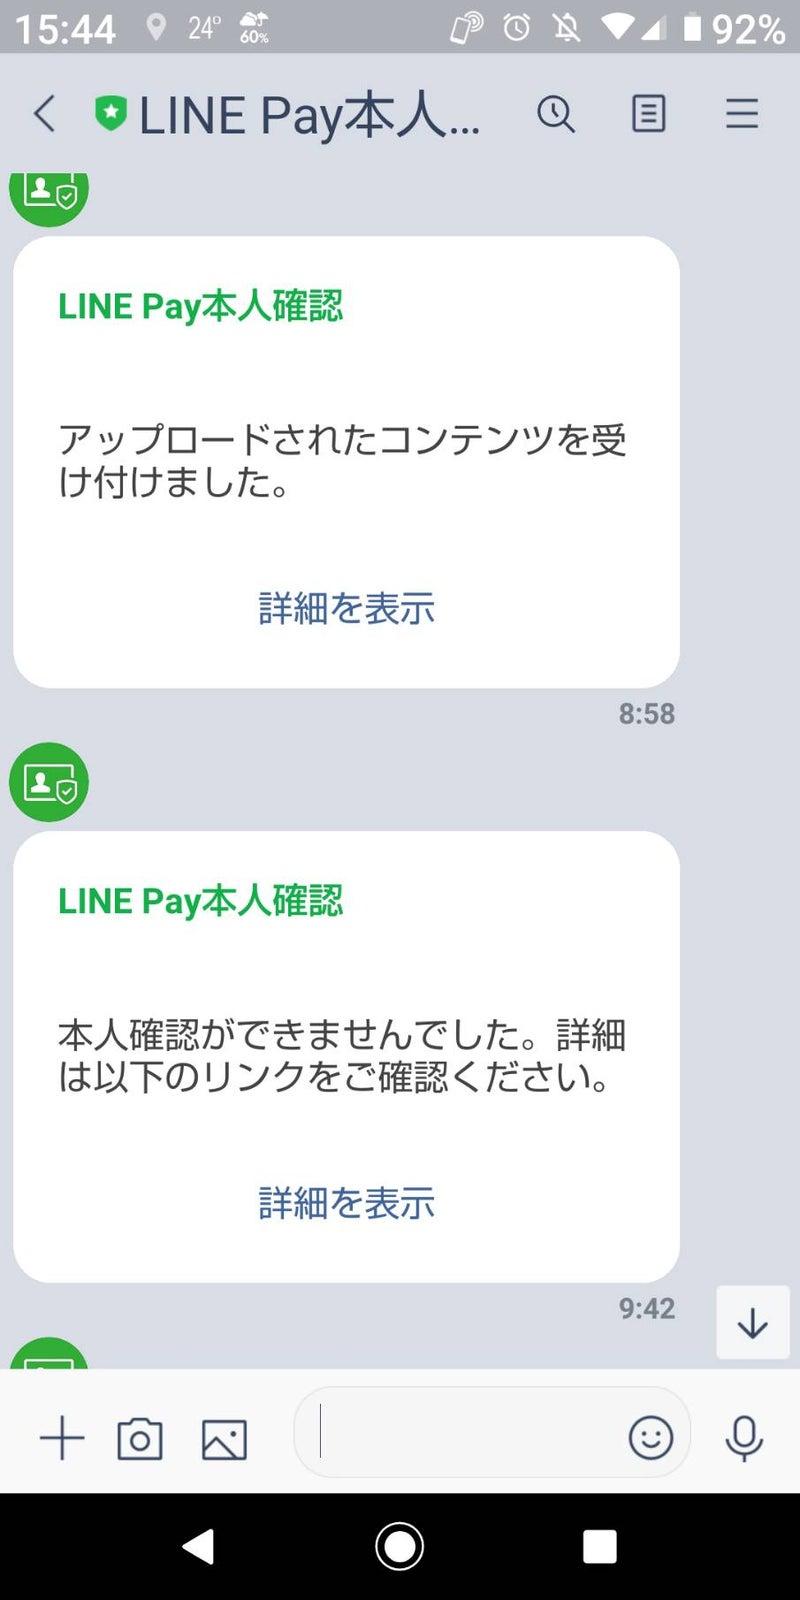 ポケット と ライン は マネー LINEポケットマネーでの出金方法のご案内|LINEスコア/LINEポケットマネー公式|note